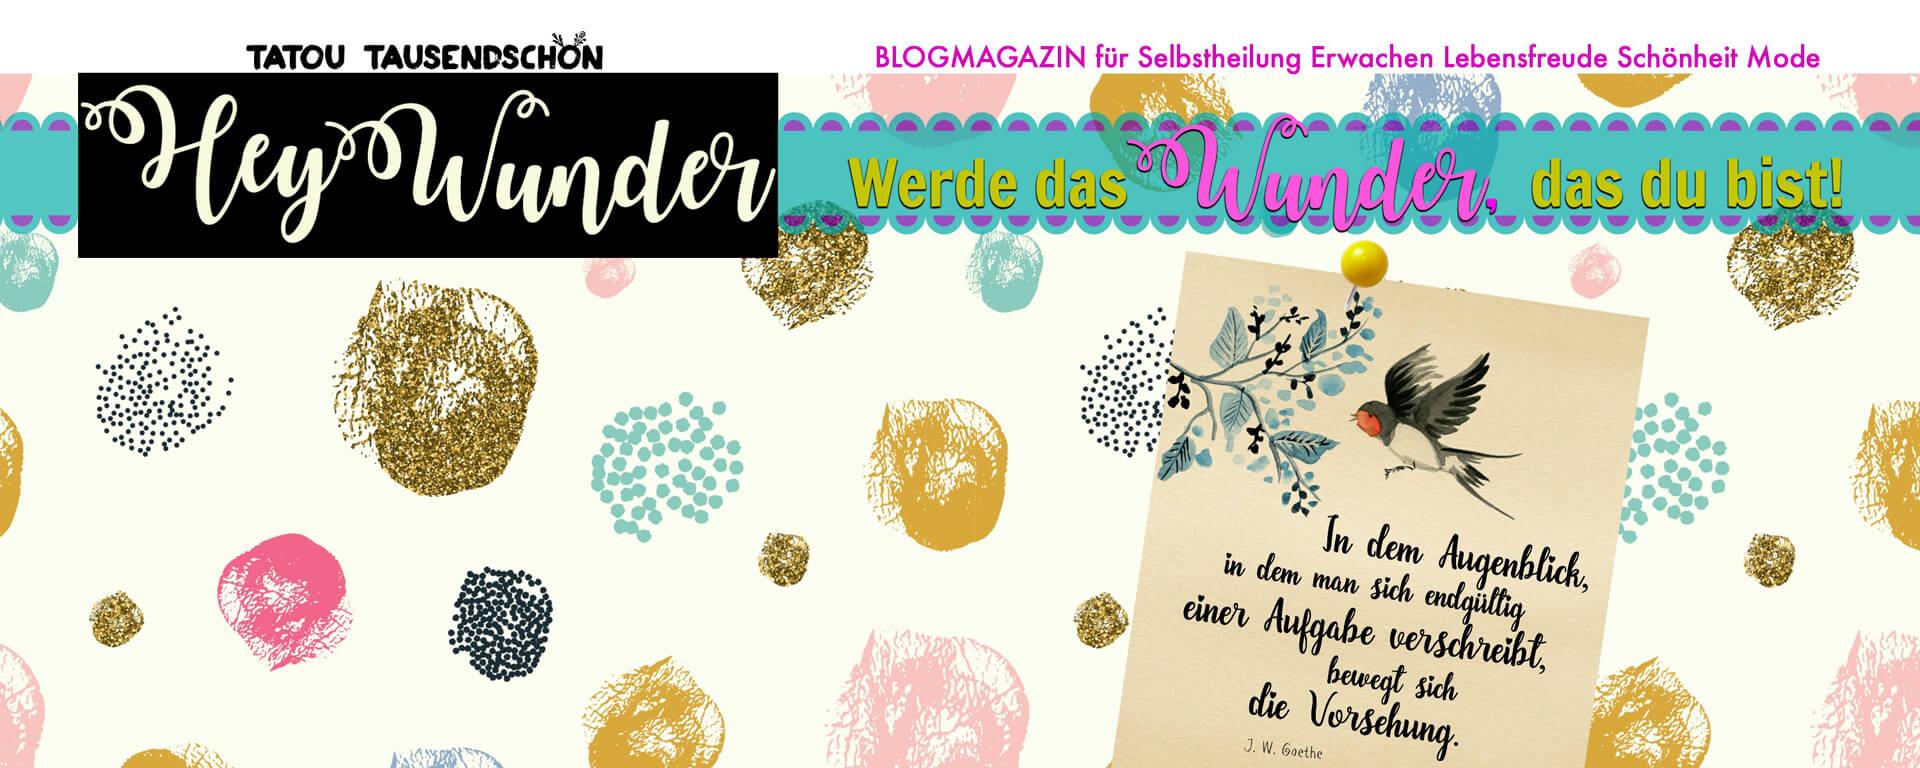 heywunder.header.tatou_